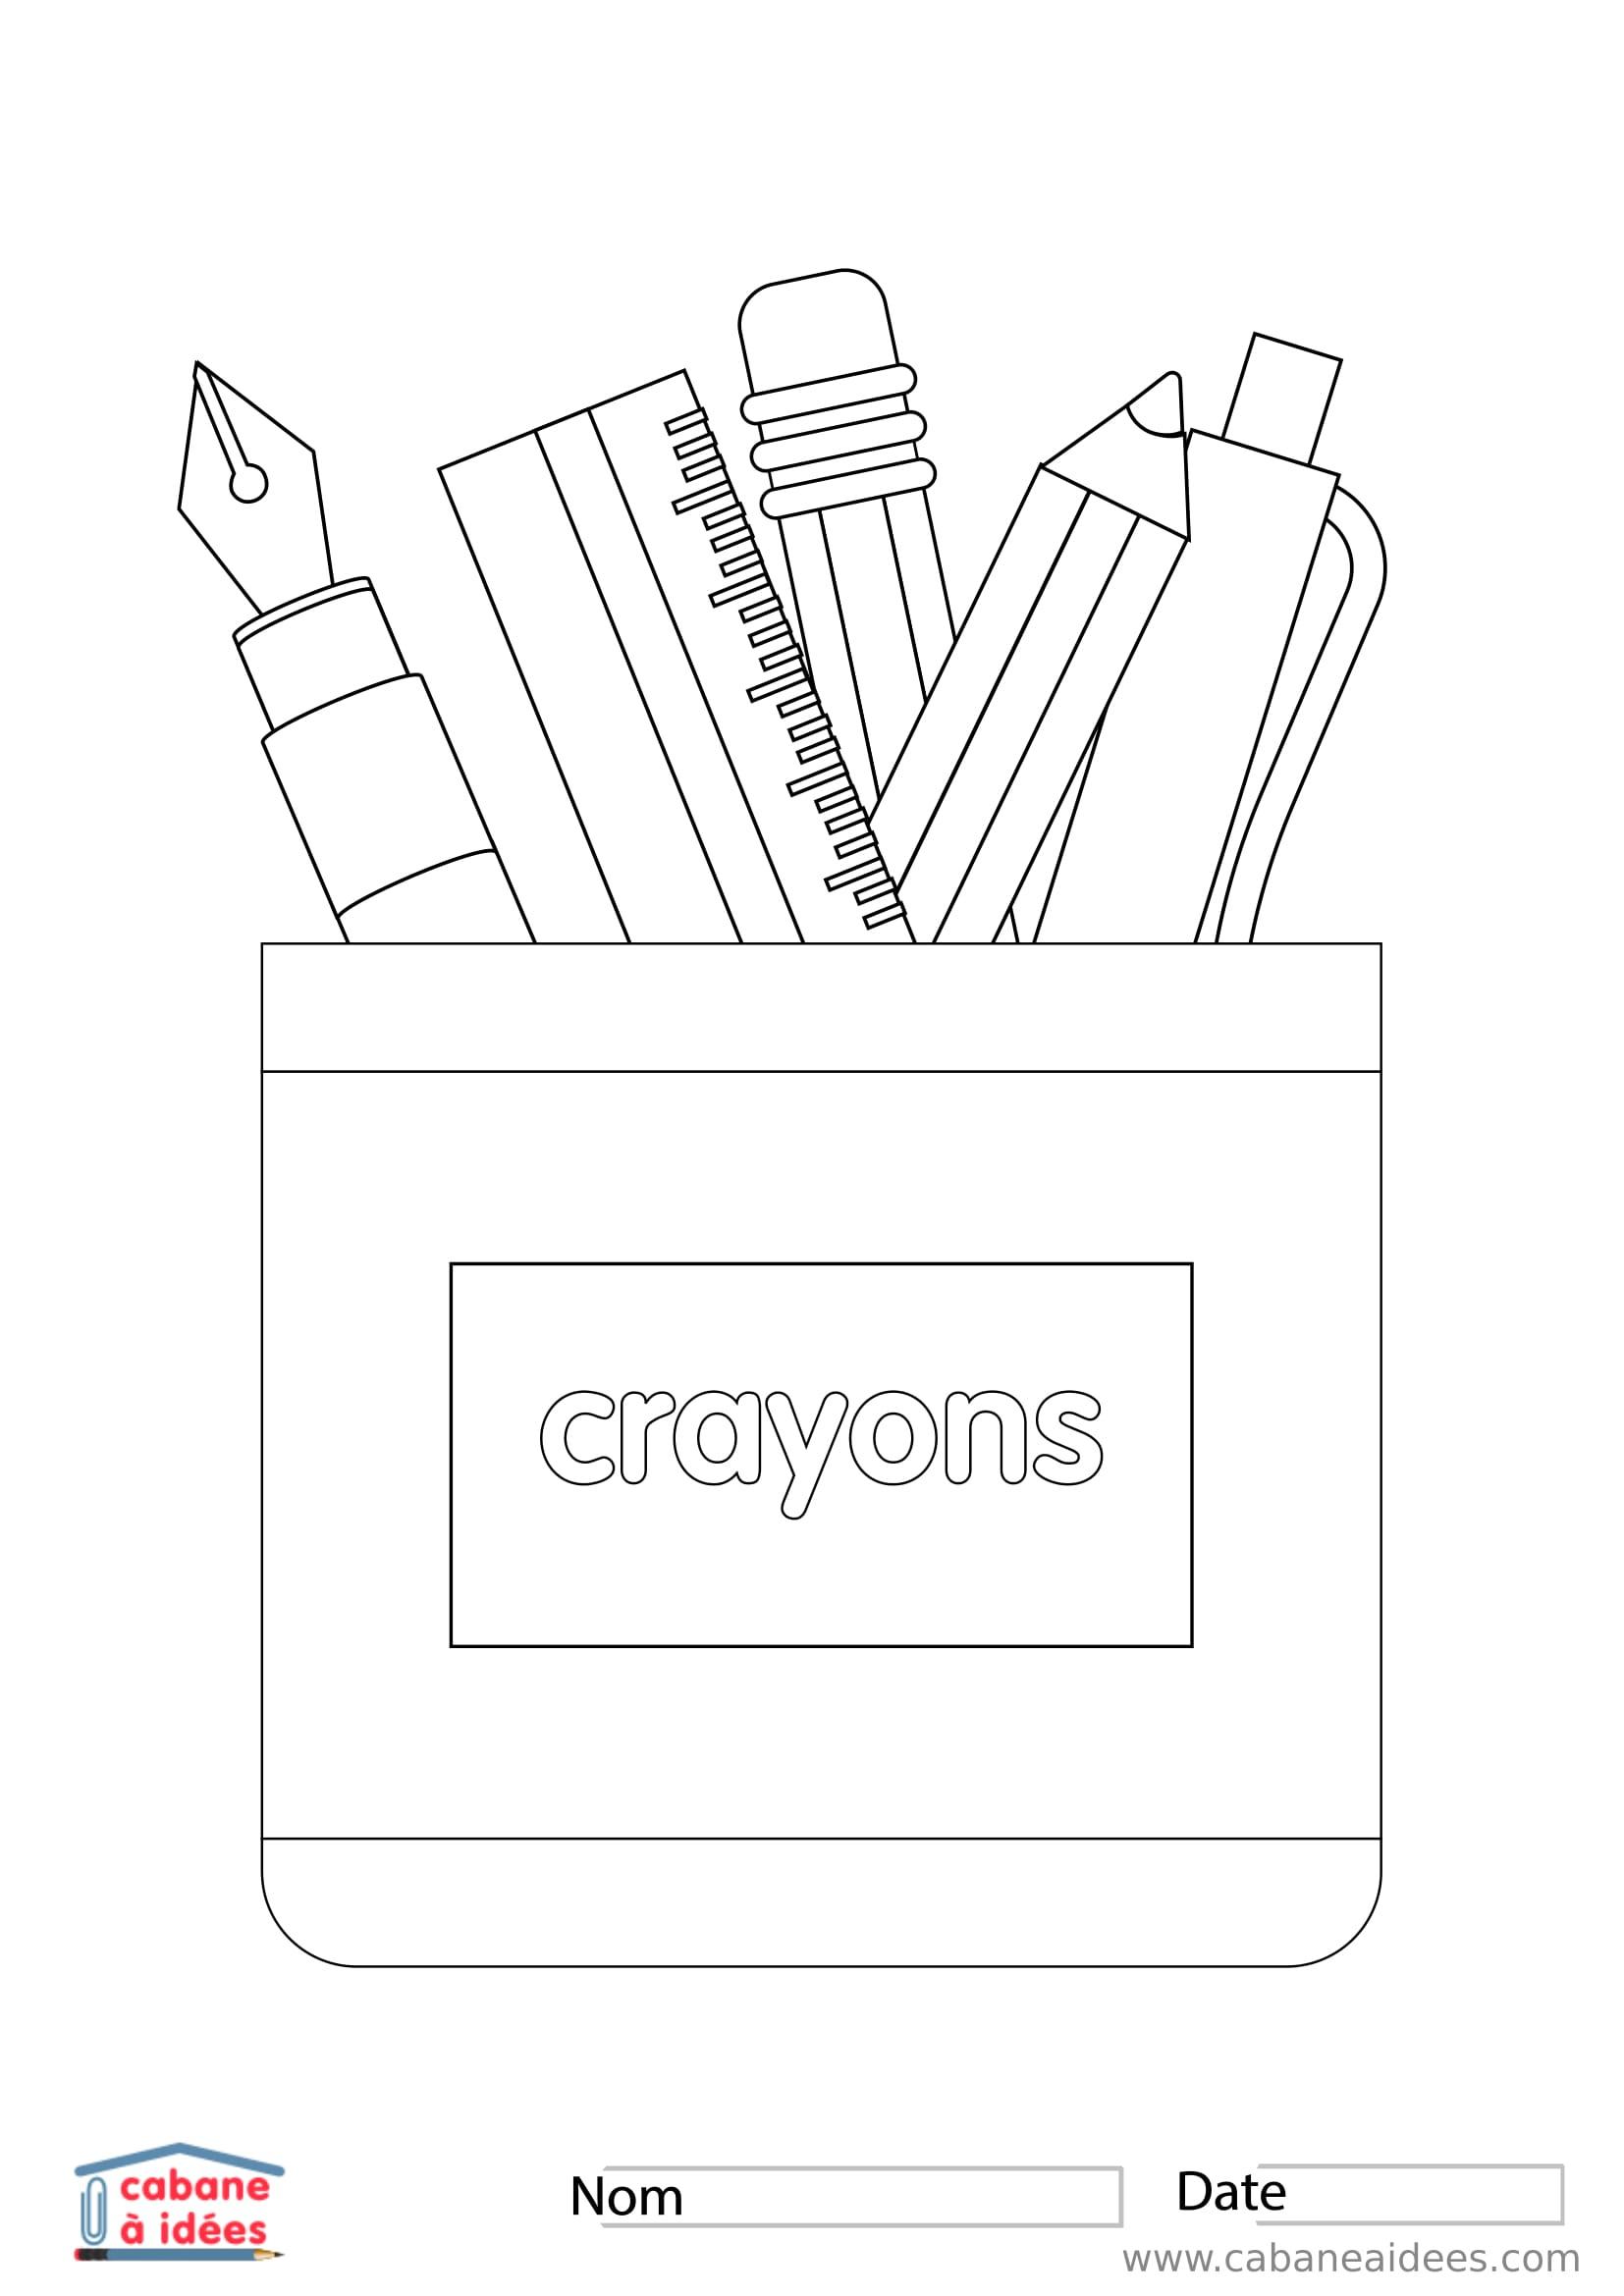 Fiches Et Pdf À Télécharger avec Crayon Coloriage